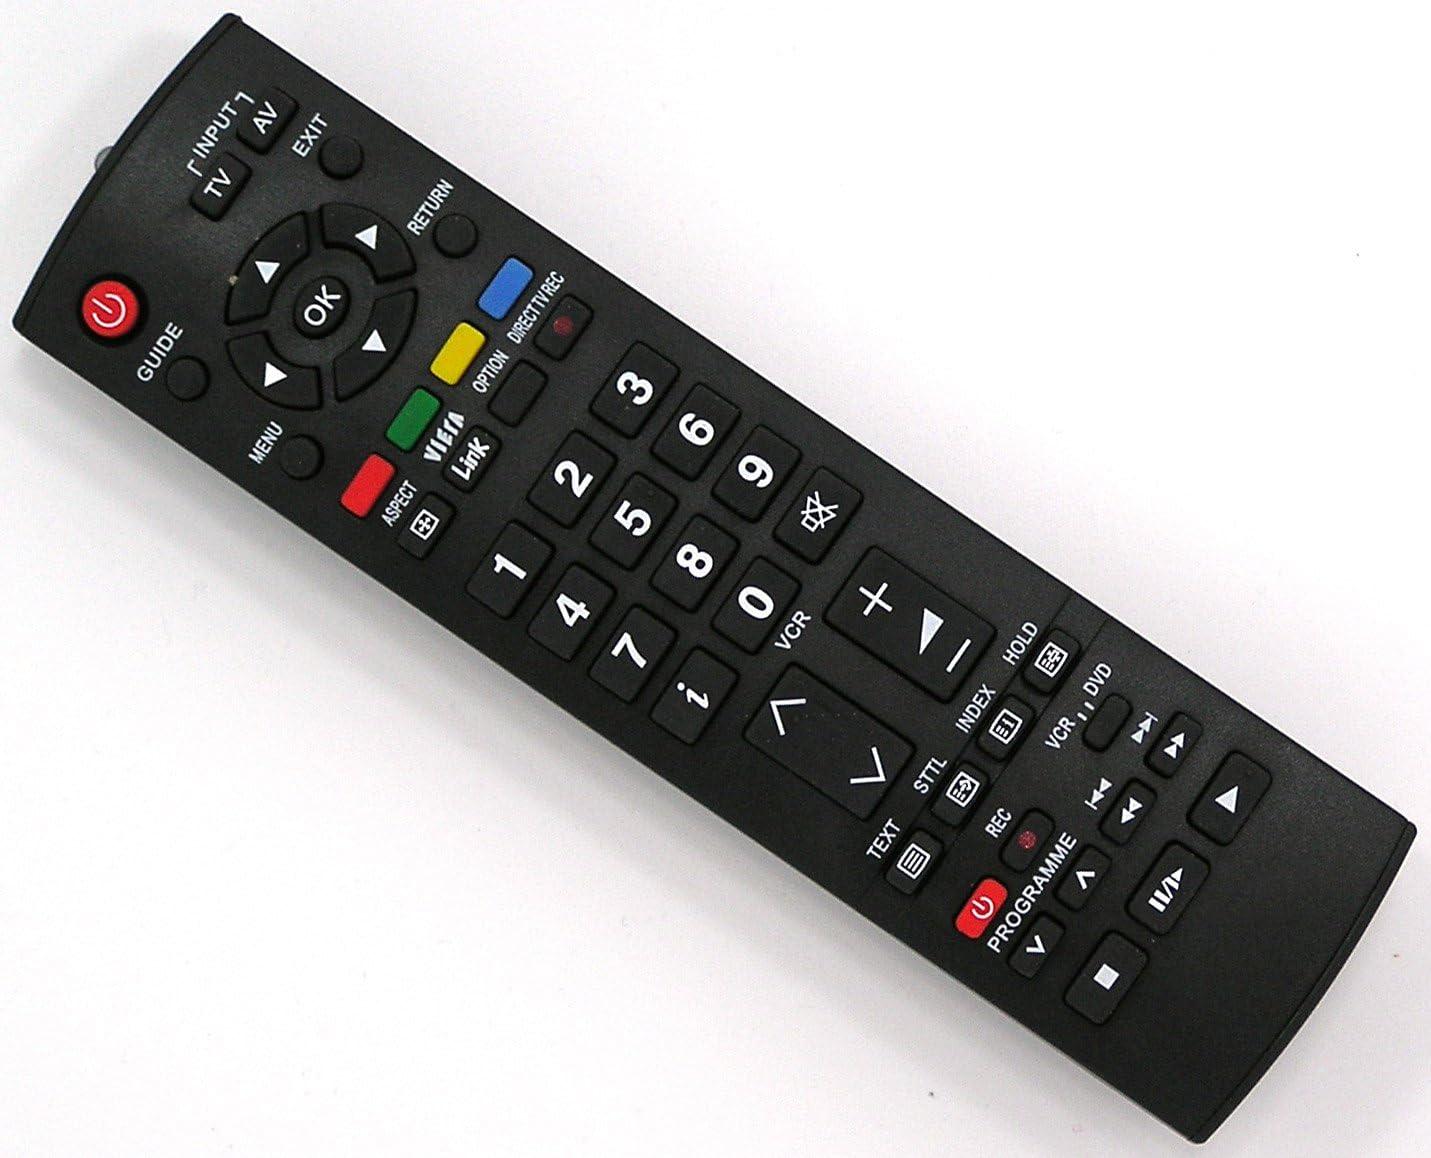 Mando a distancia de repuesto para Panasonic TH-37pv7p/F TH-37px7e TH-37PX8E TH-37px8ea TH-37px8esa TH-37pxe/B TH-42pv7p/F TH-42pv8p TH-42px7e/B TH-42PX8B TH-42px8ba: Amazon.es: Electrónica